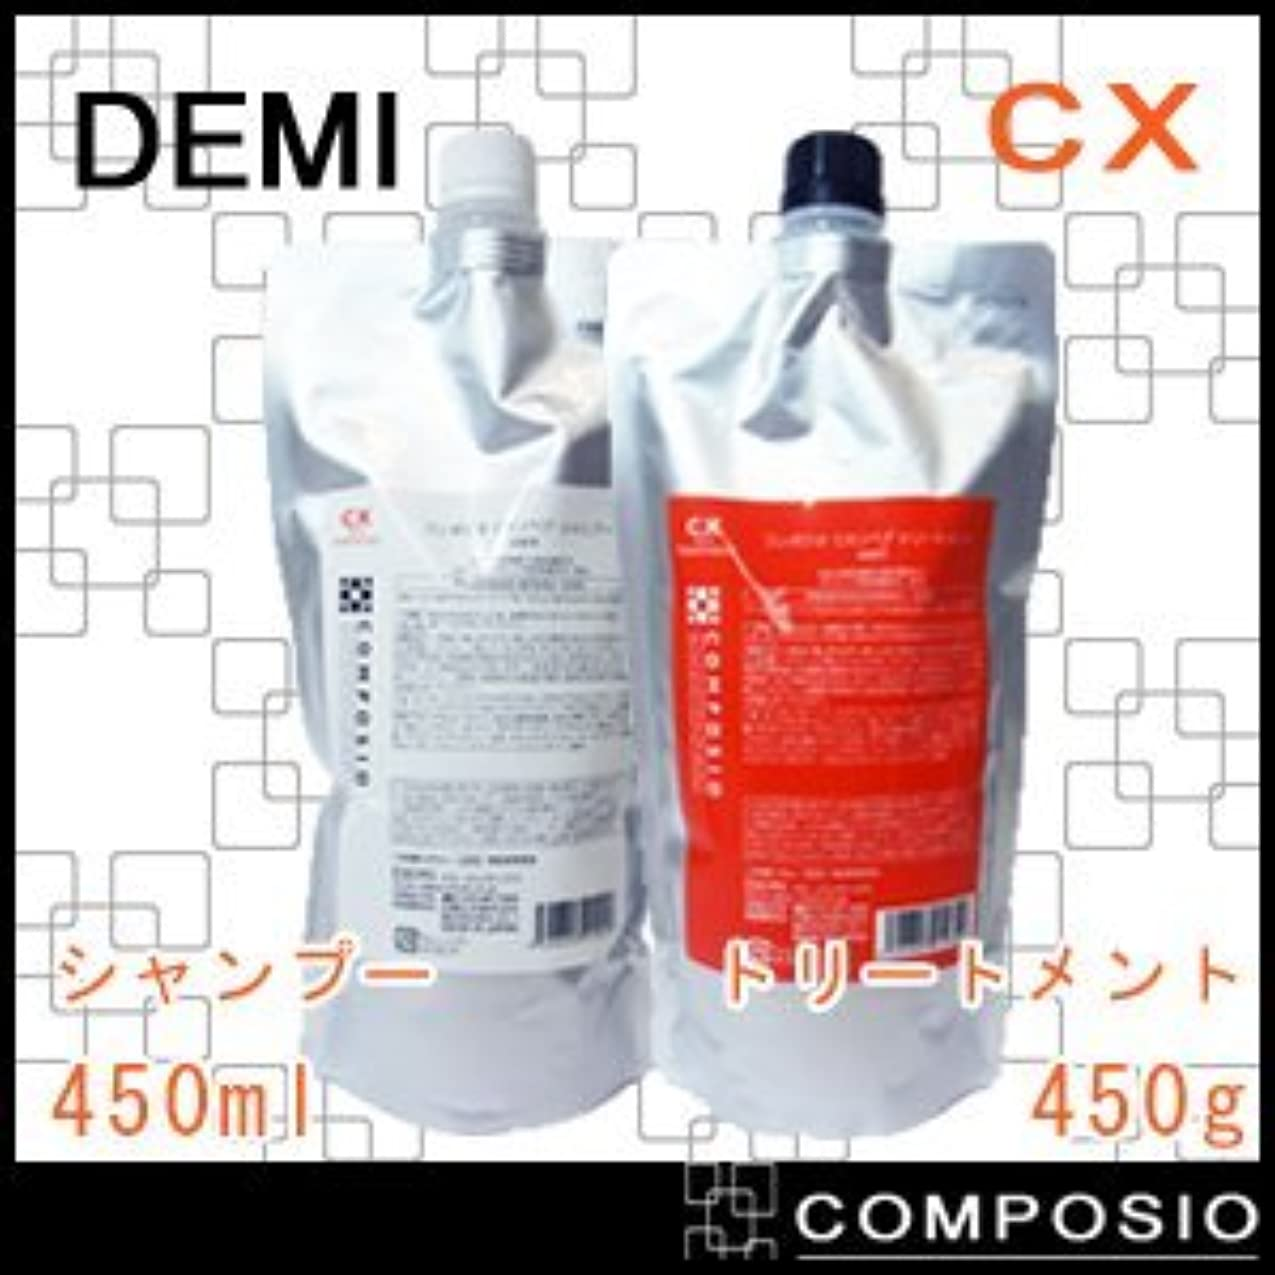 シャイ運命的なヶ月目デミ コンポジオ CXリペアシャンプー&トリートメント 詰め替え セット 450ml,450g